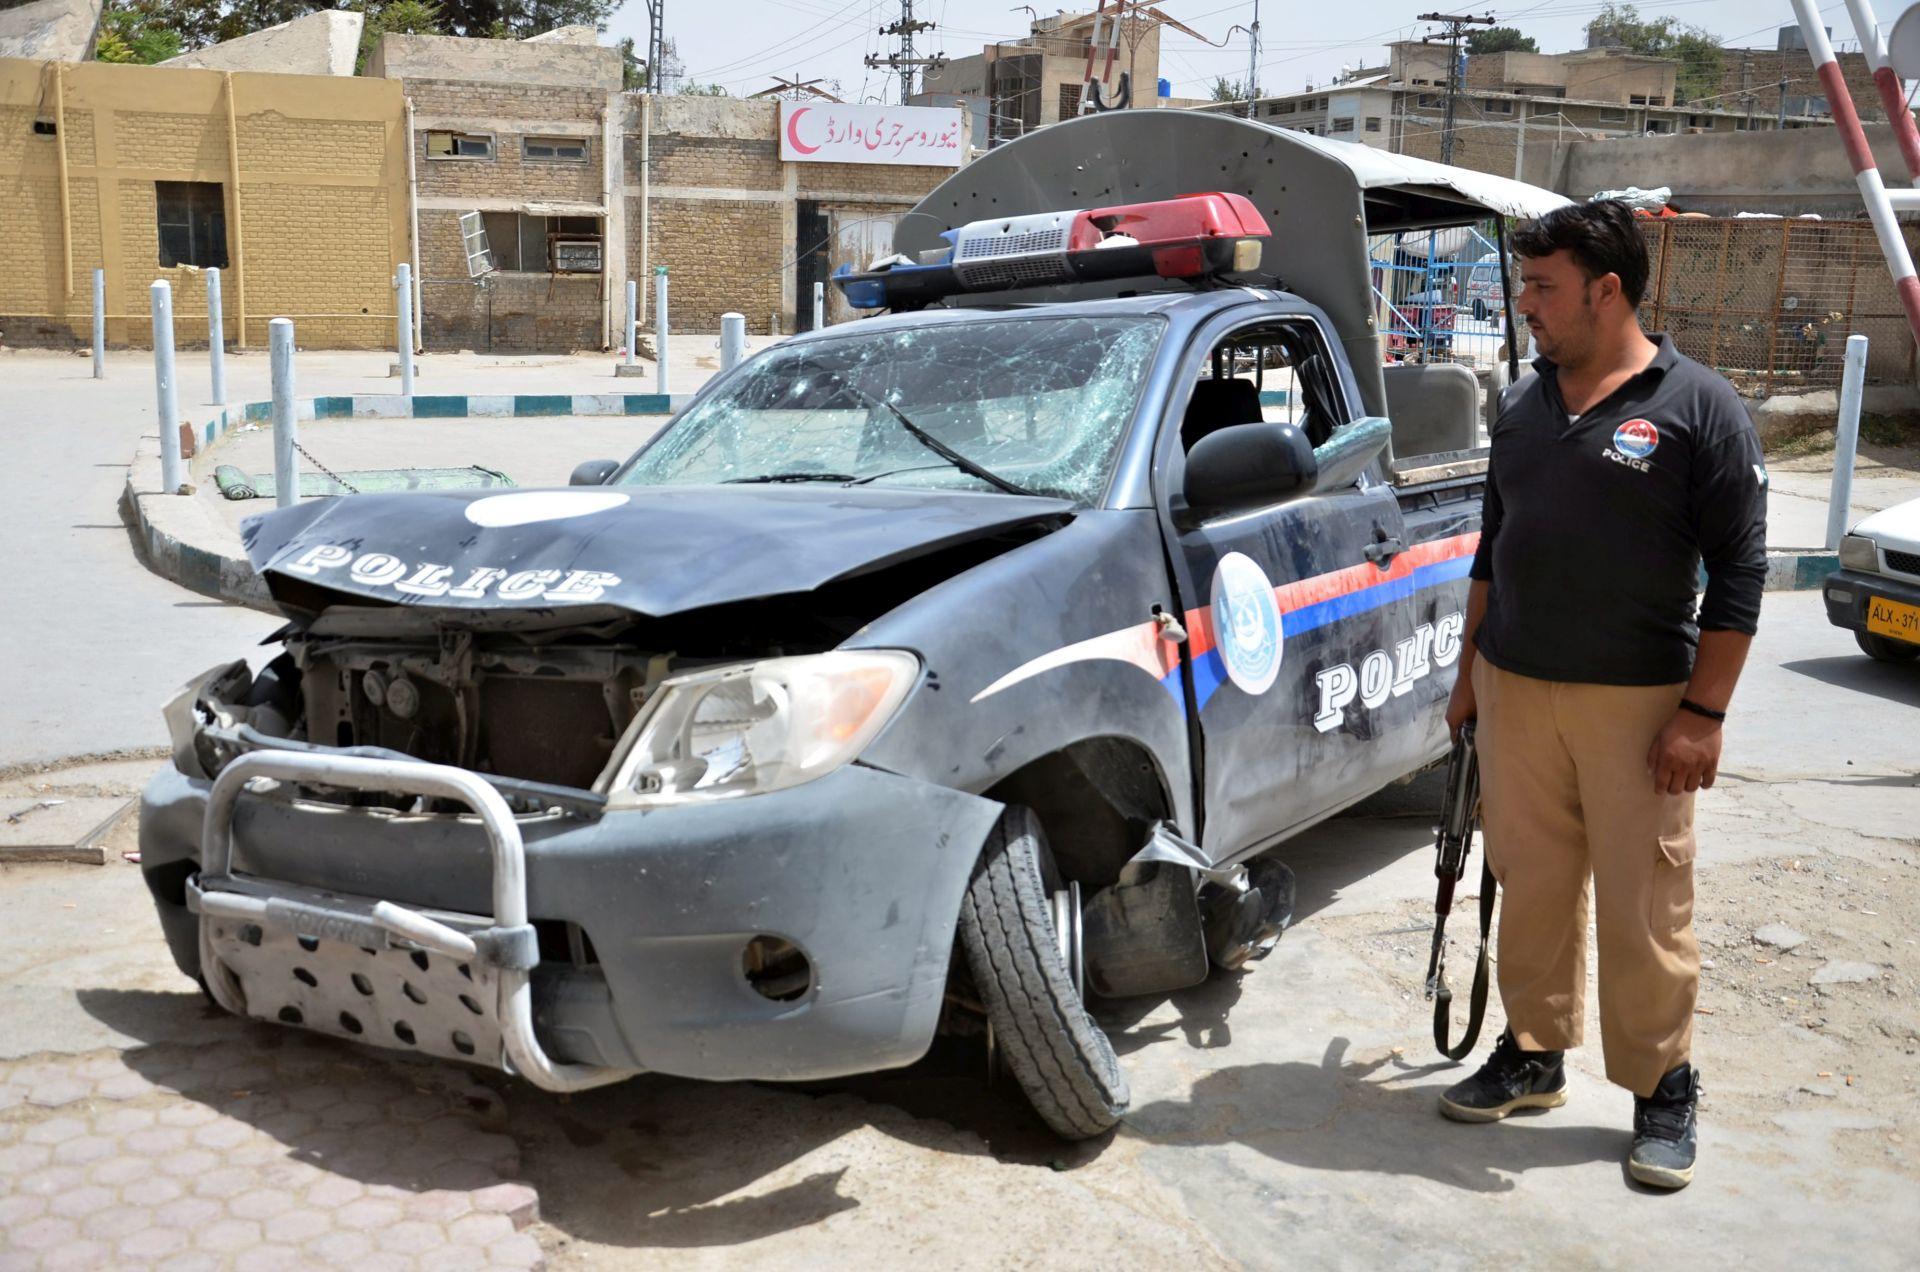 DVIJE EKSPLOZIJE: U napadu na sud u Pakistanu 12 mrtvih i 52 ranjena